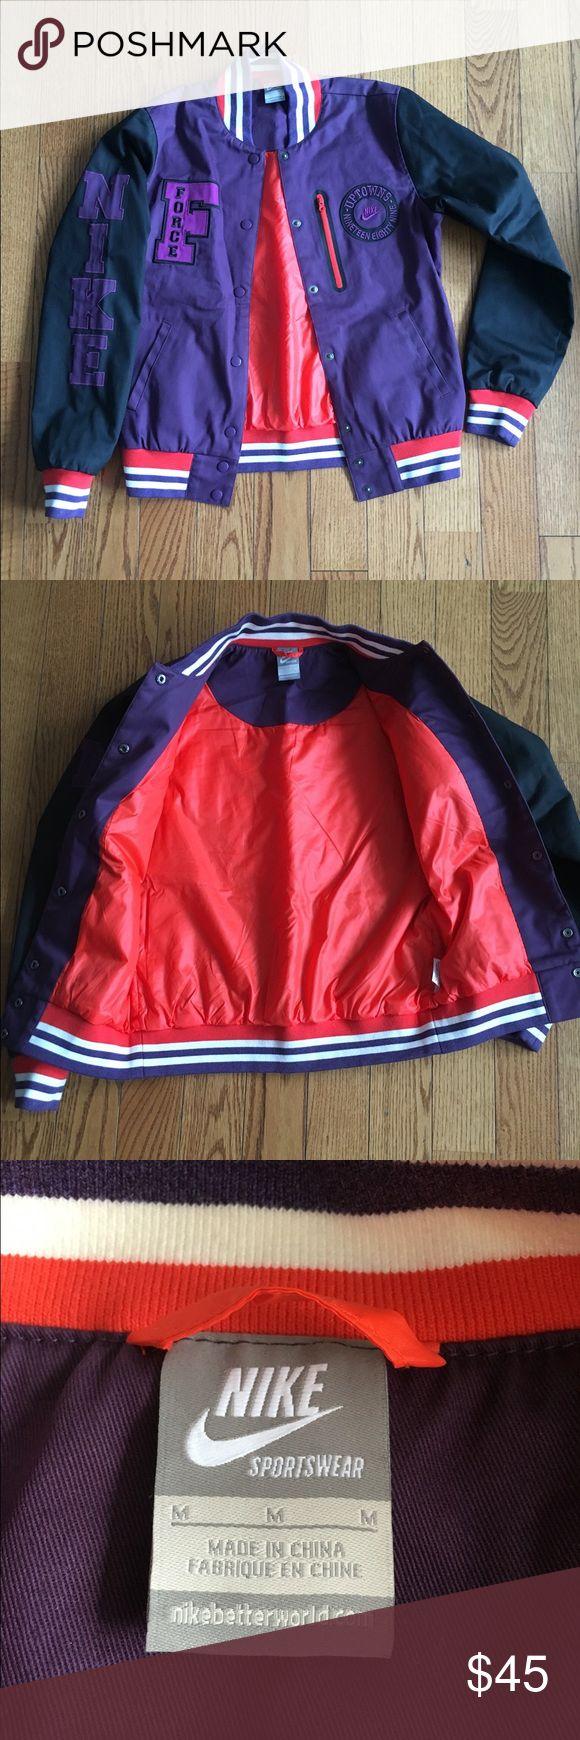 Vintage Nike Bomber Jacket Purple and black with orange highlight Nike Air Force bomber jacket. Nike Jackets & Coats